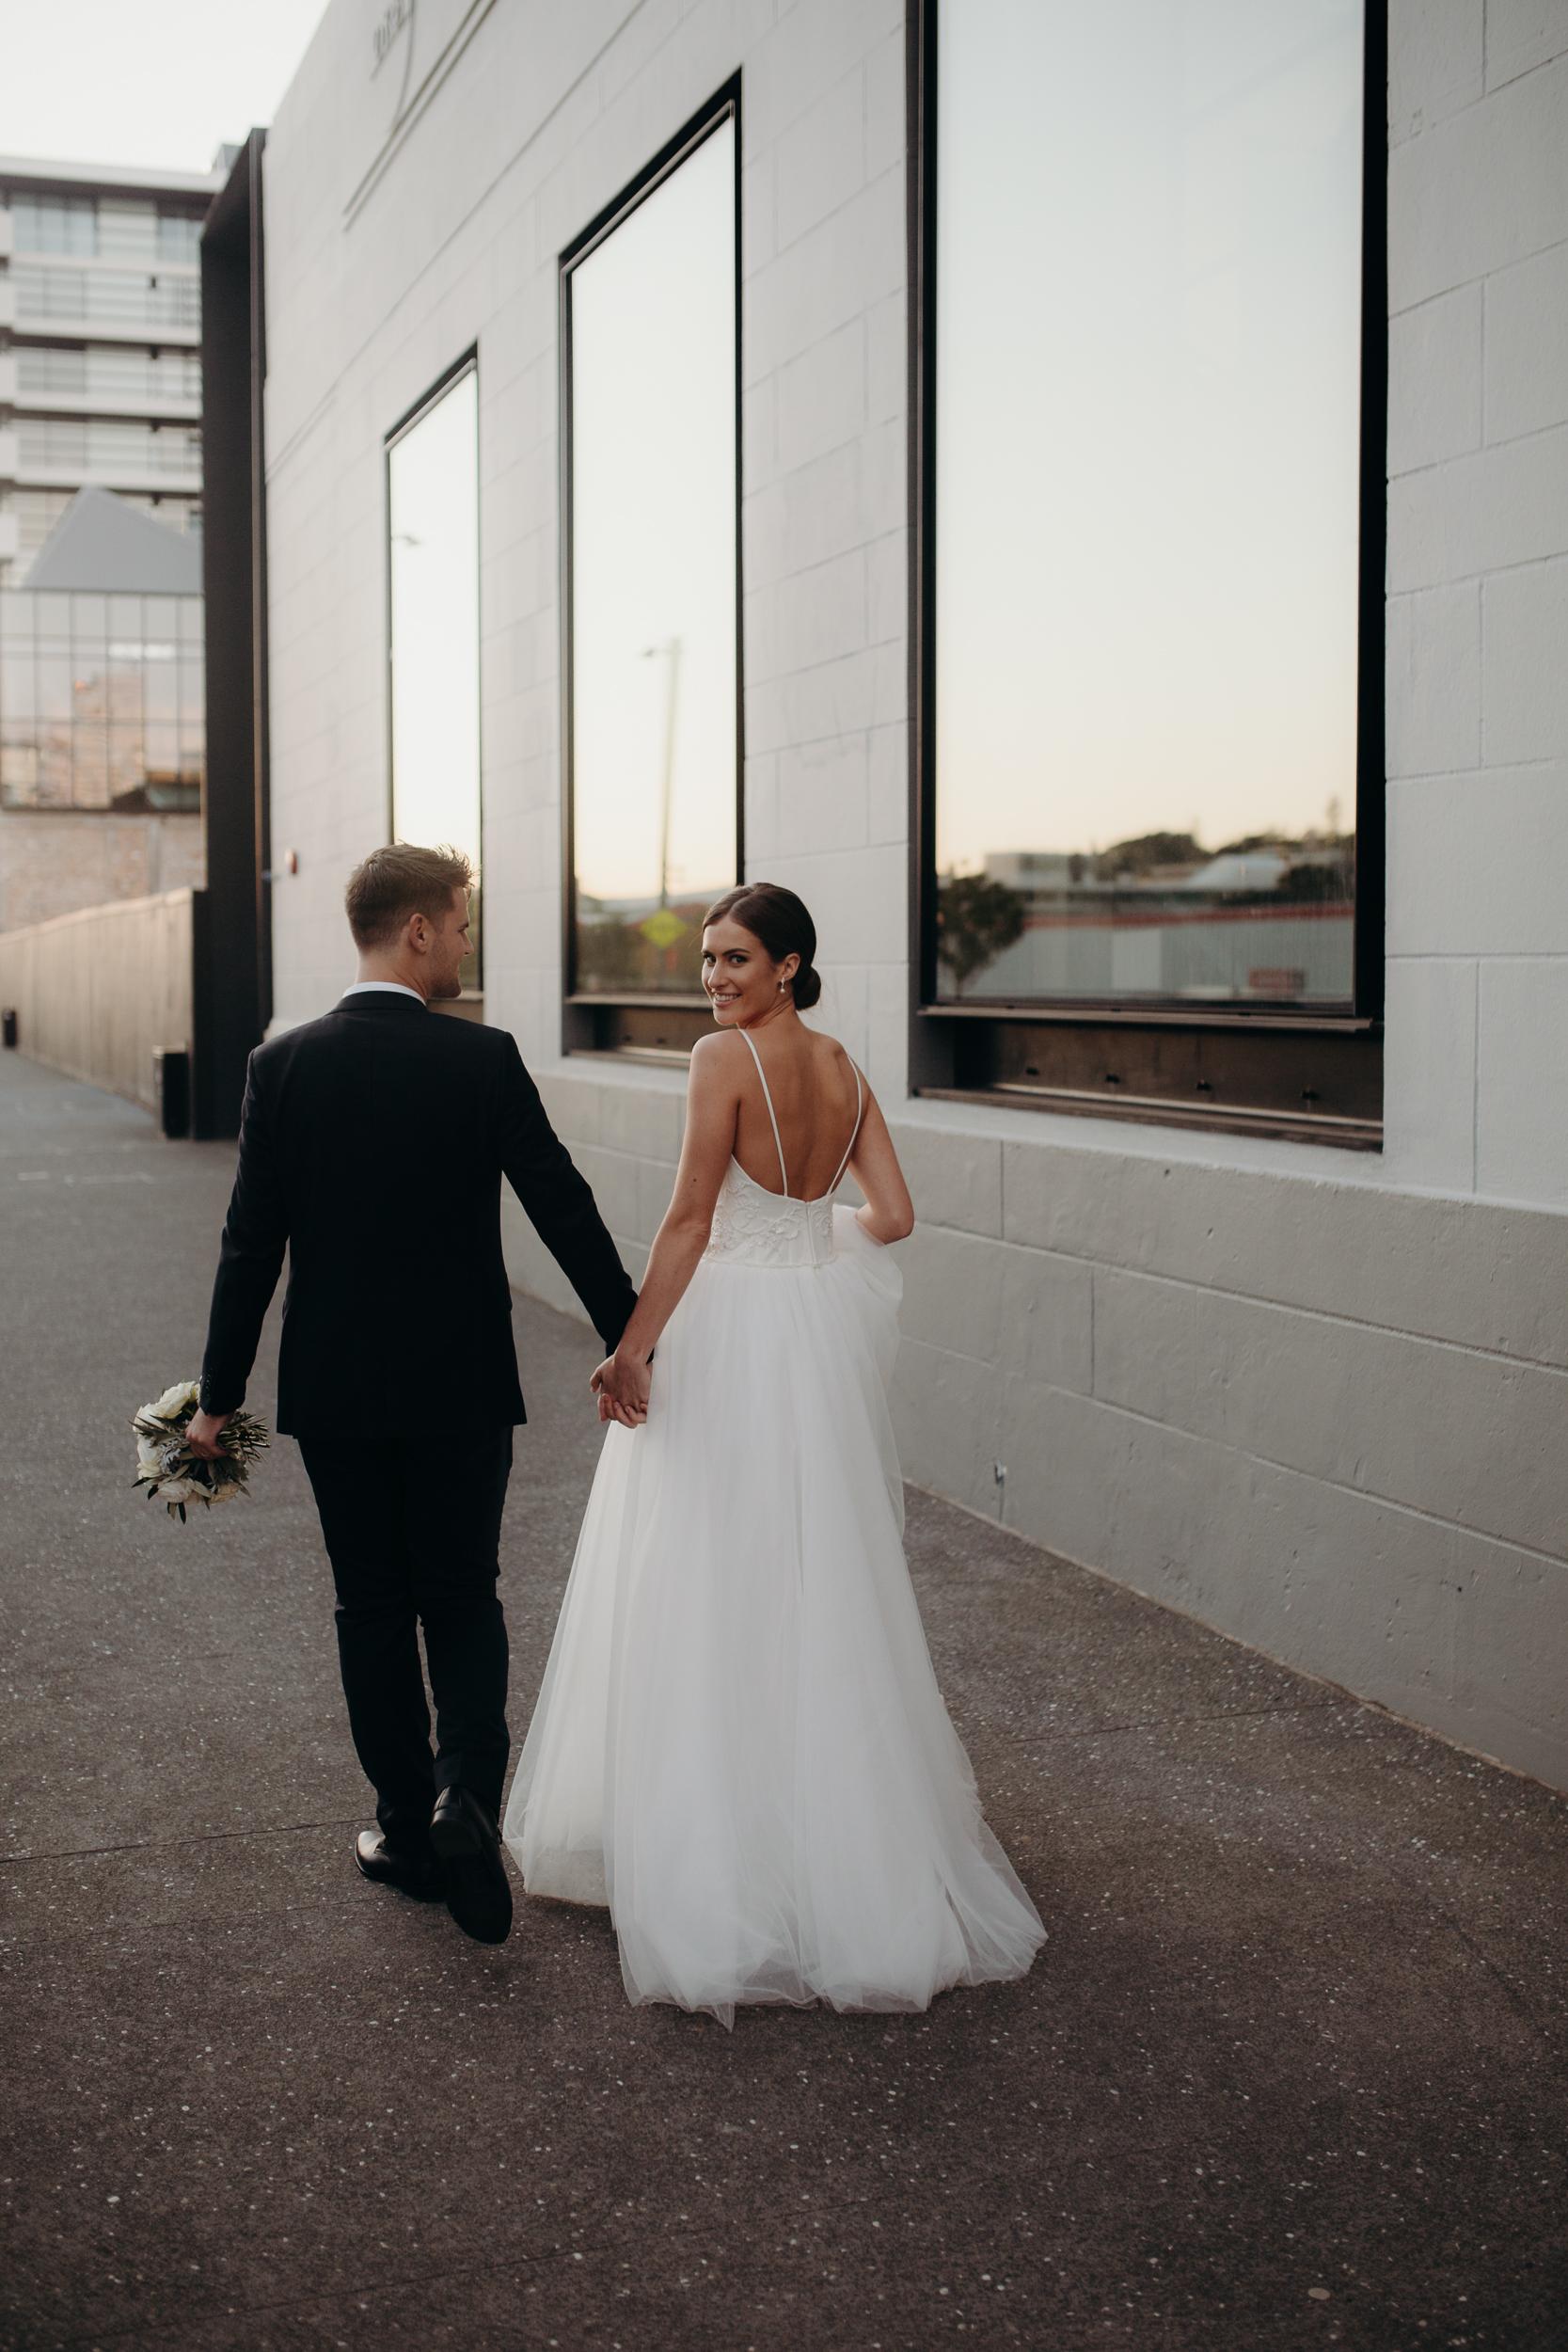 Jesse and Jessie weddings Auckland Documentary  Wedding Photographer  Zac and Courtney-48.jpg